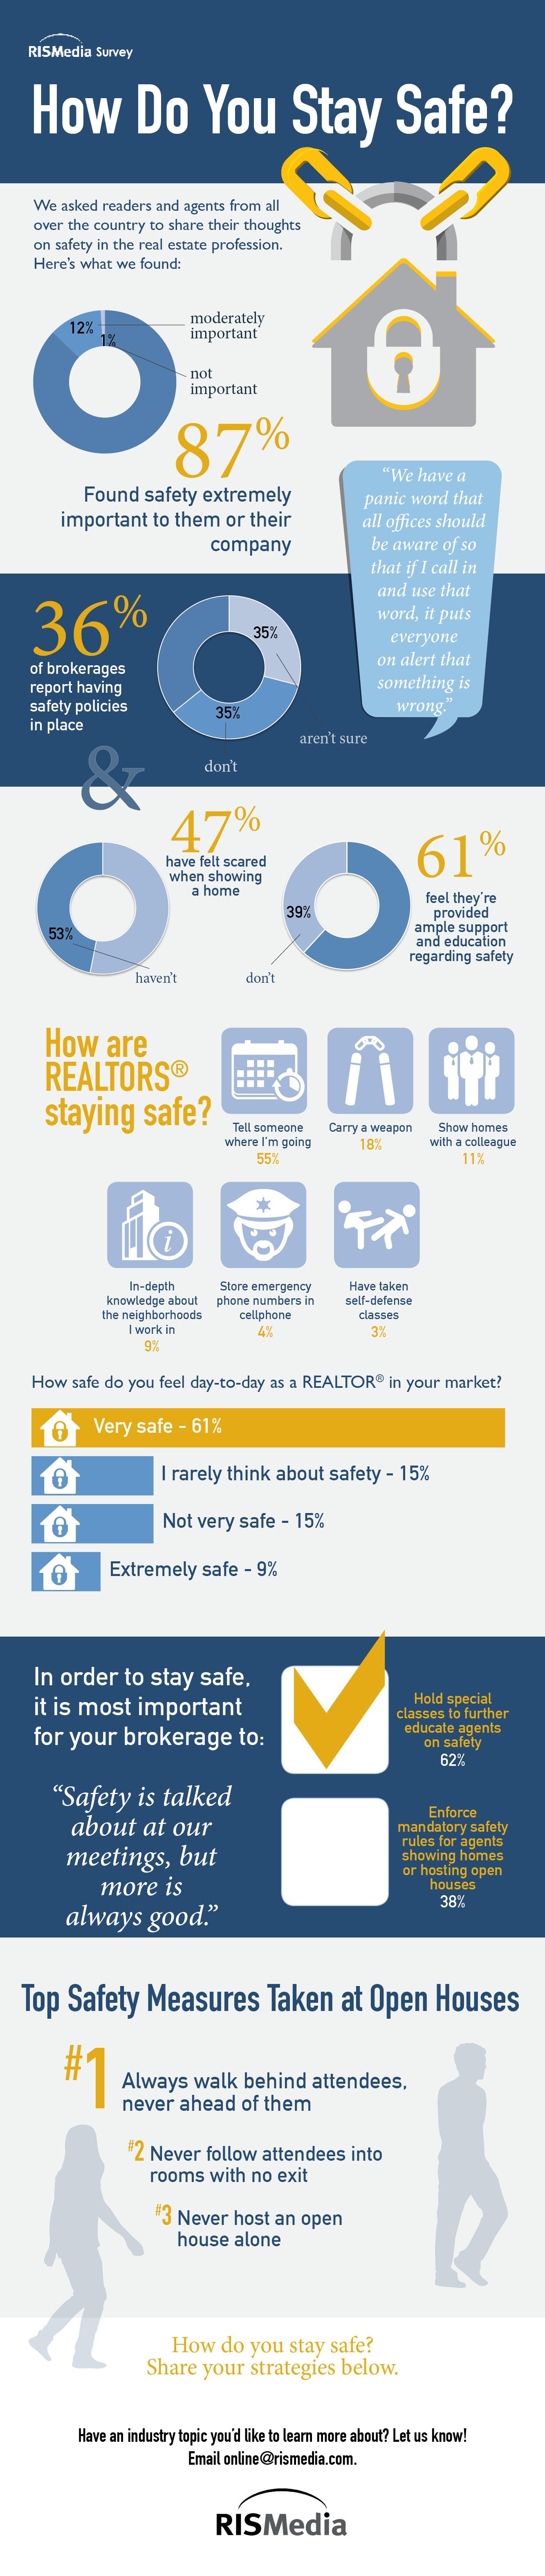 safety survey